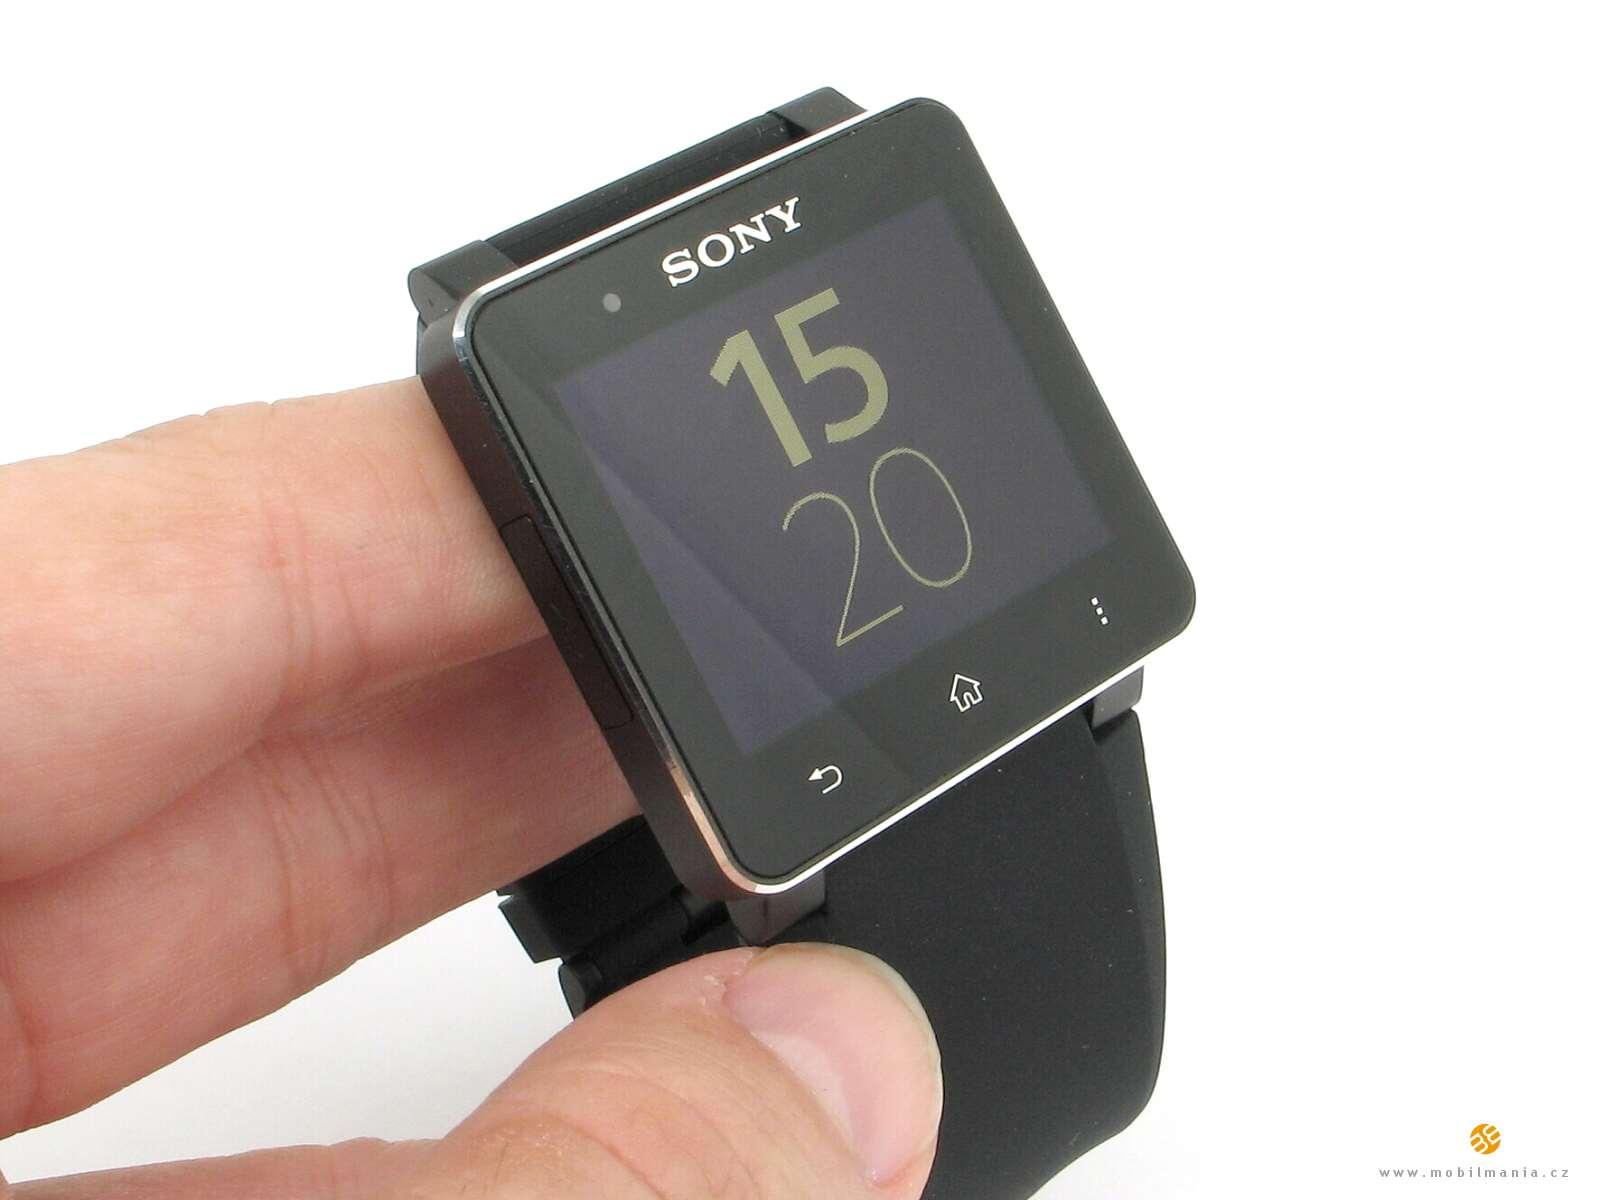 Chytré hodinky od Sony jsou elegantní a nabízejí velmi dobře čitelný  displej. Sony Smartwatch 2 ... 18c6bf3e004